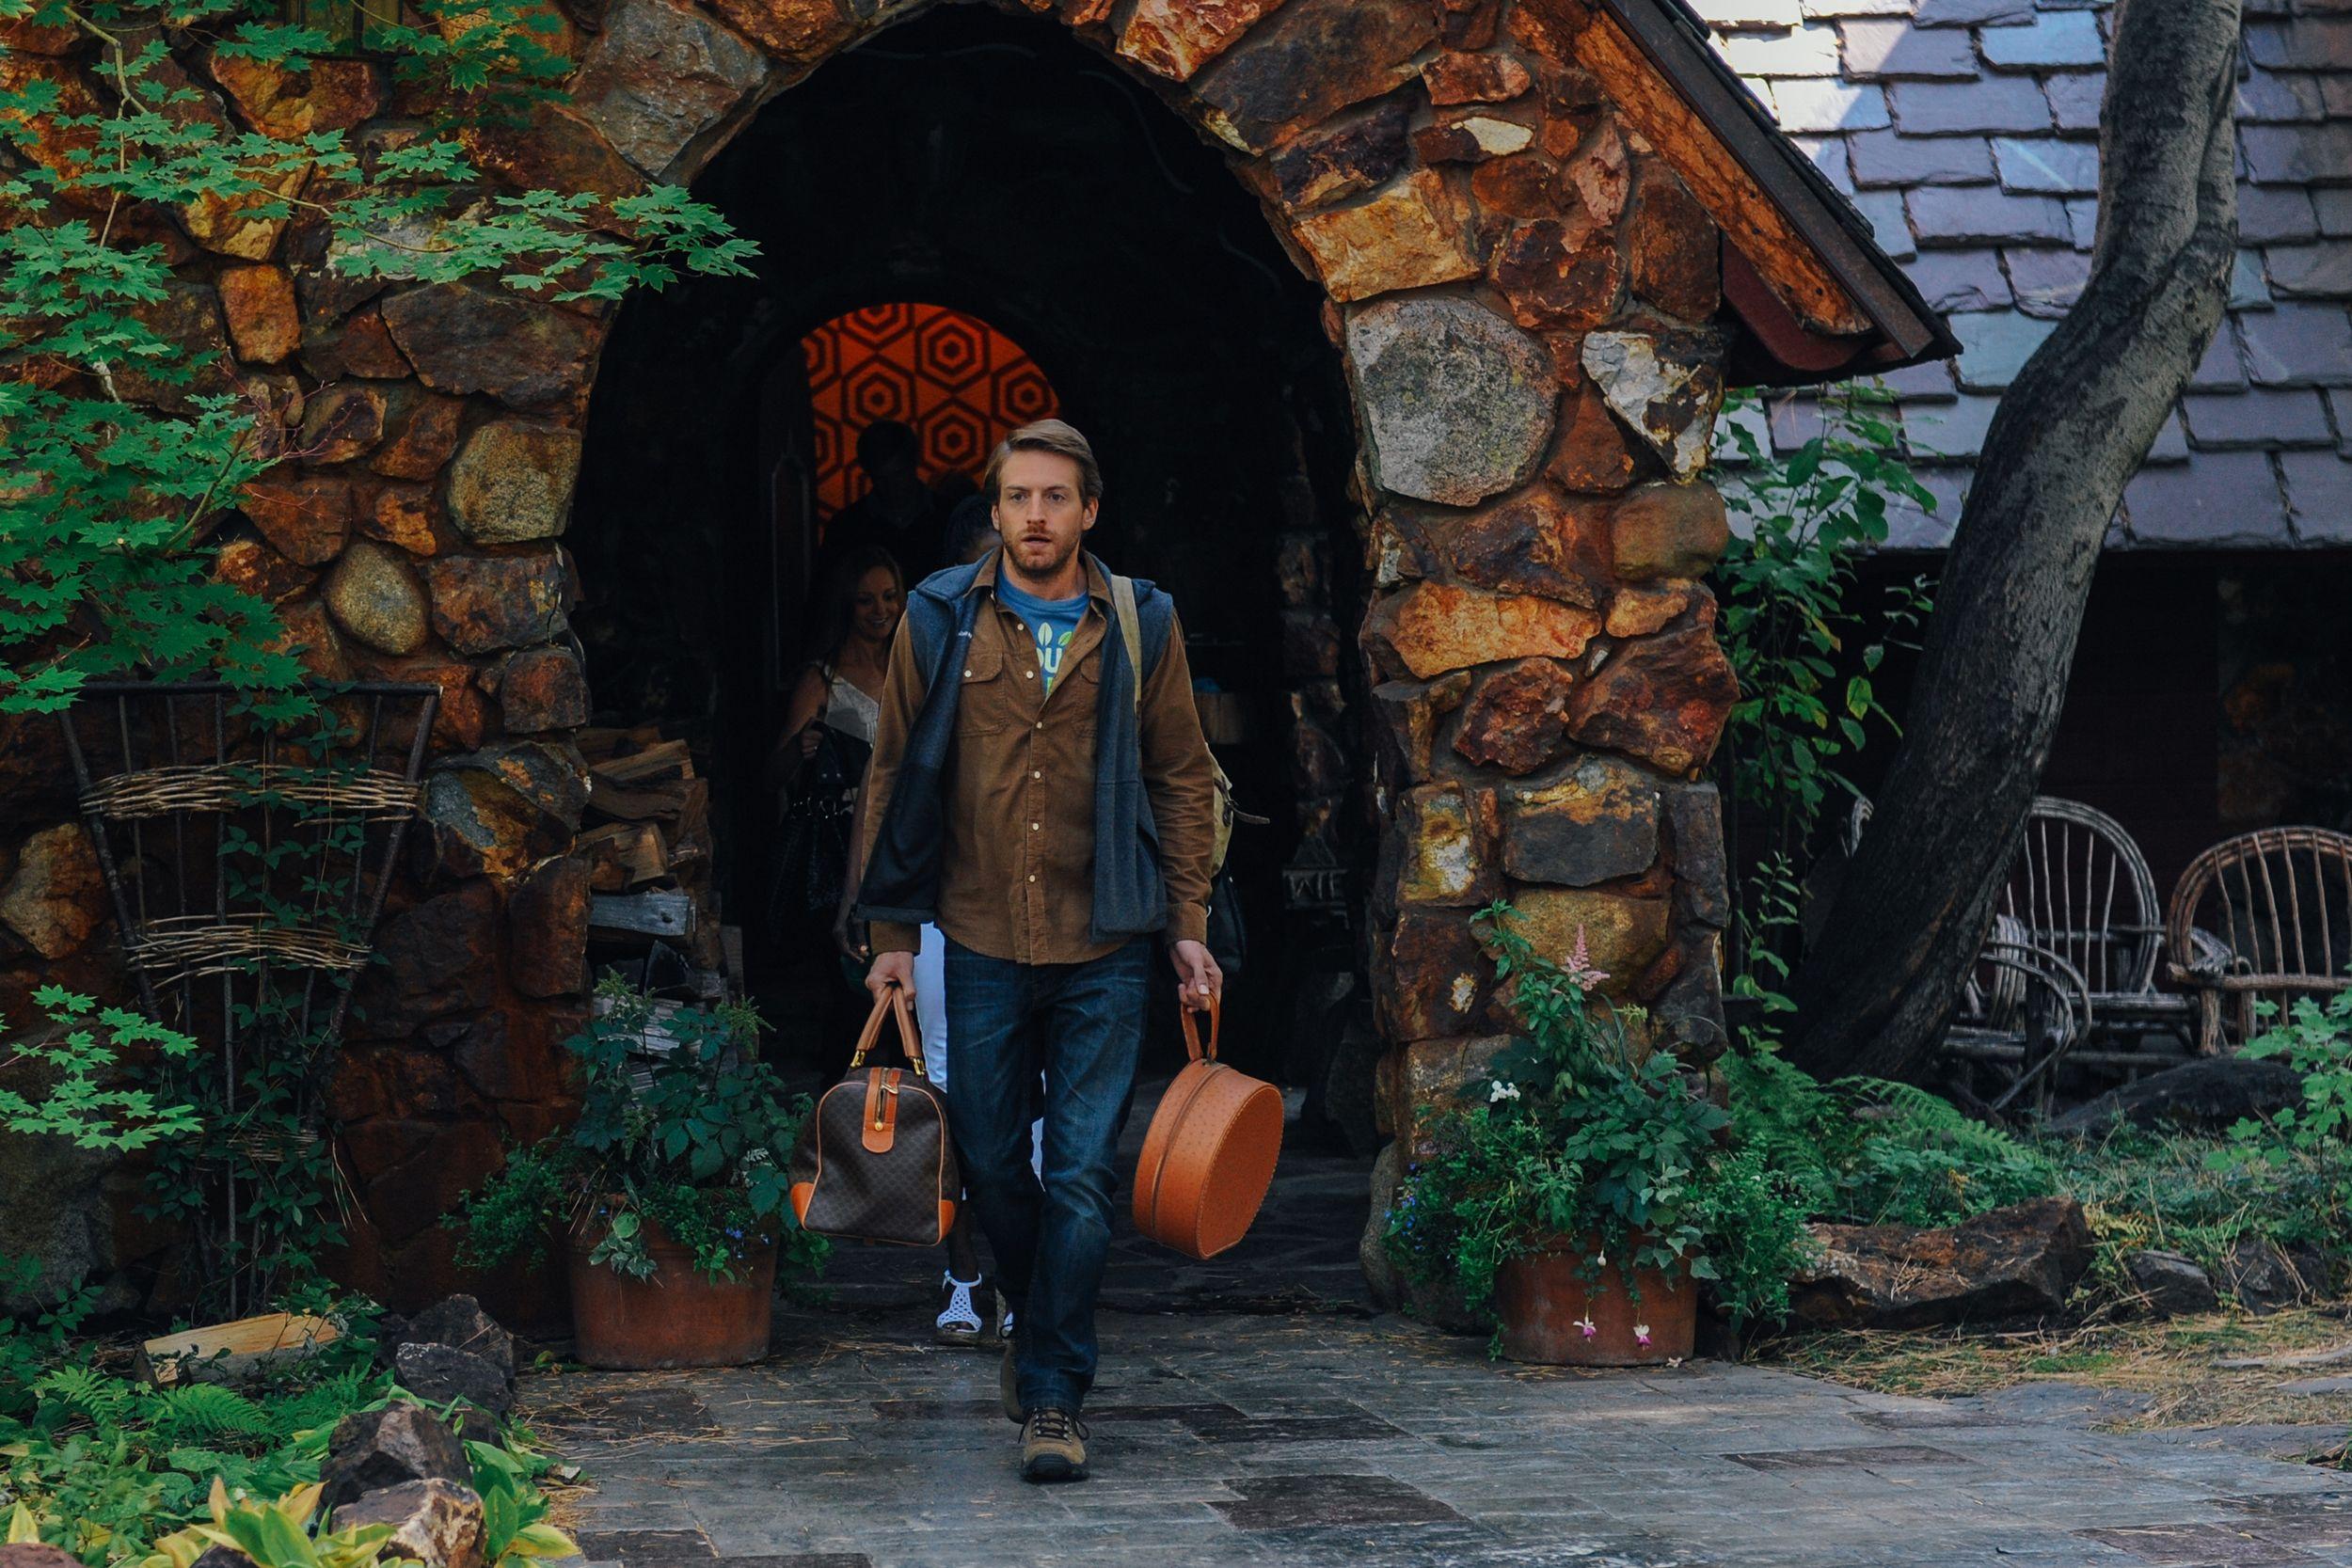 Sean Oakes Fran Kranz Leaving The Family Lake House In Last Weekend In Theaters August 29 Lastweekendfilm Com Weekend Film Film Stills Oakes